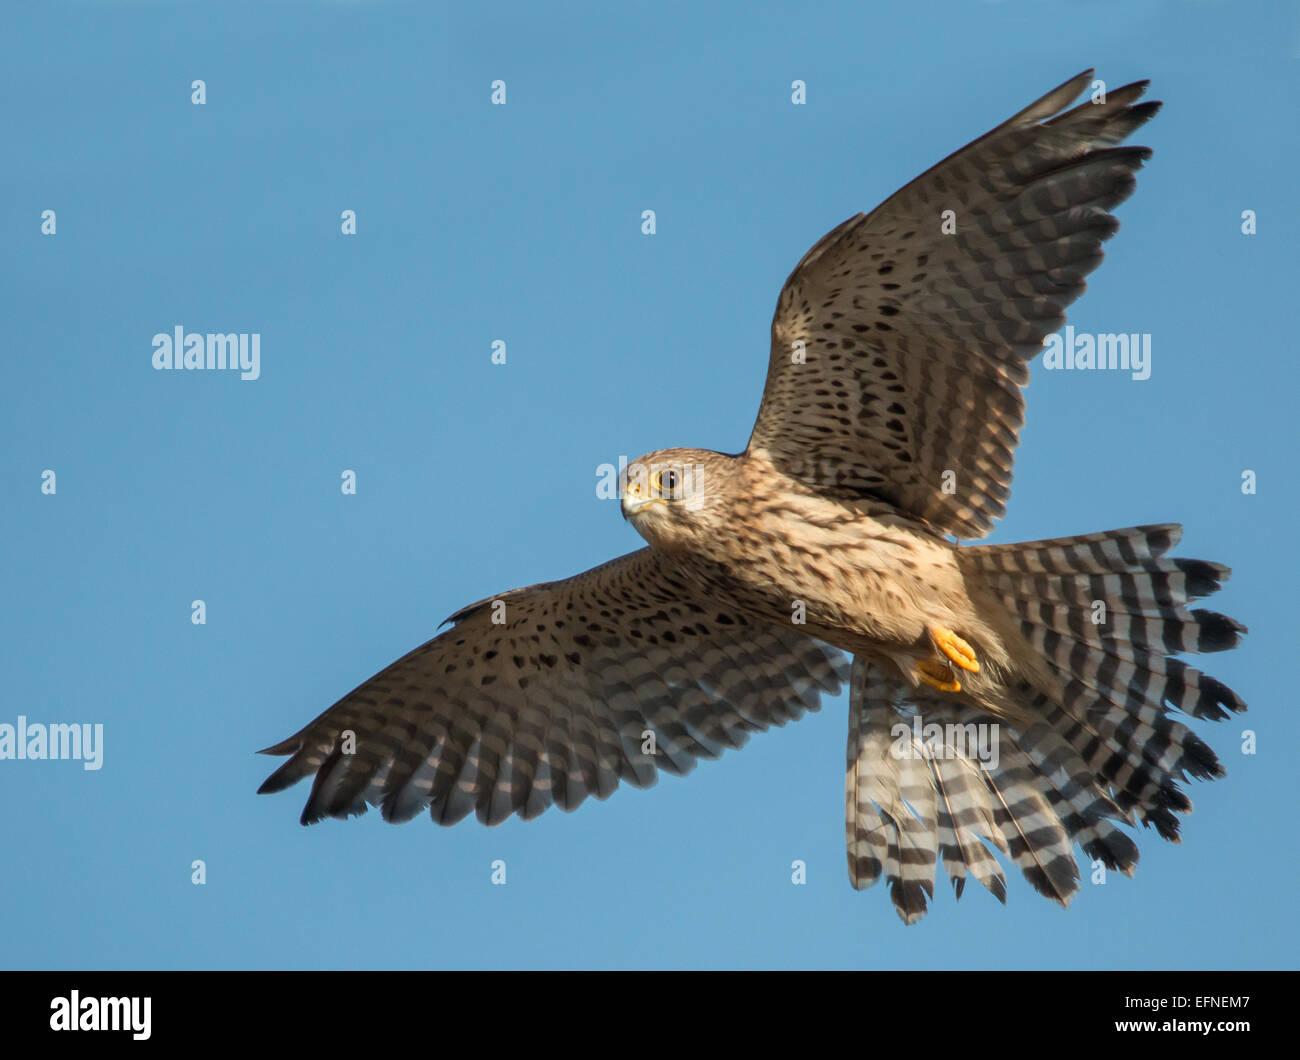 kestrel in flight - Stock Image